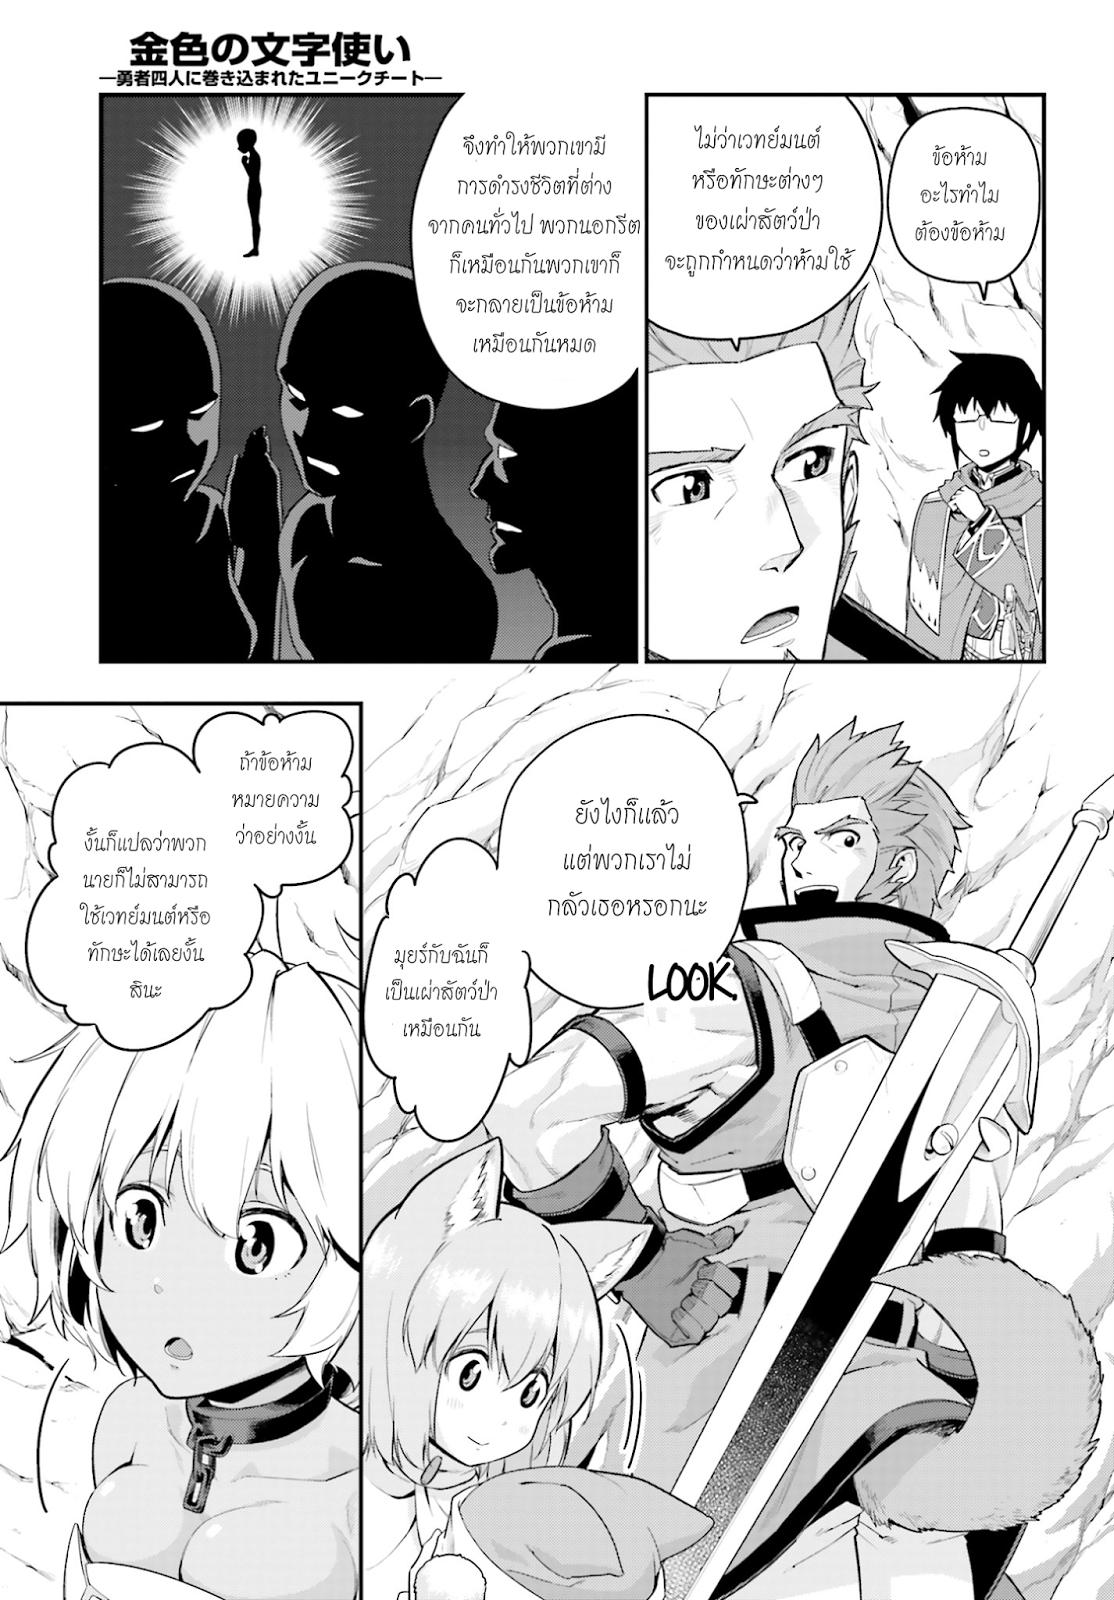 อ่านการ์ตูน Konjiki no Word Master 11 ภาพที่ 11